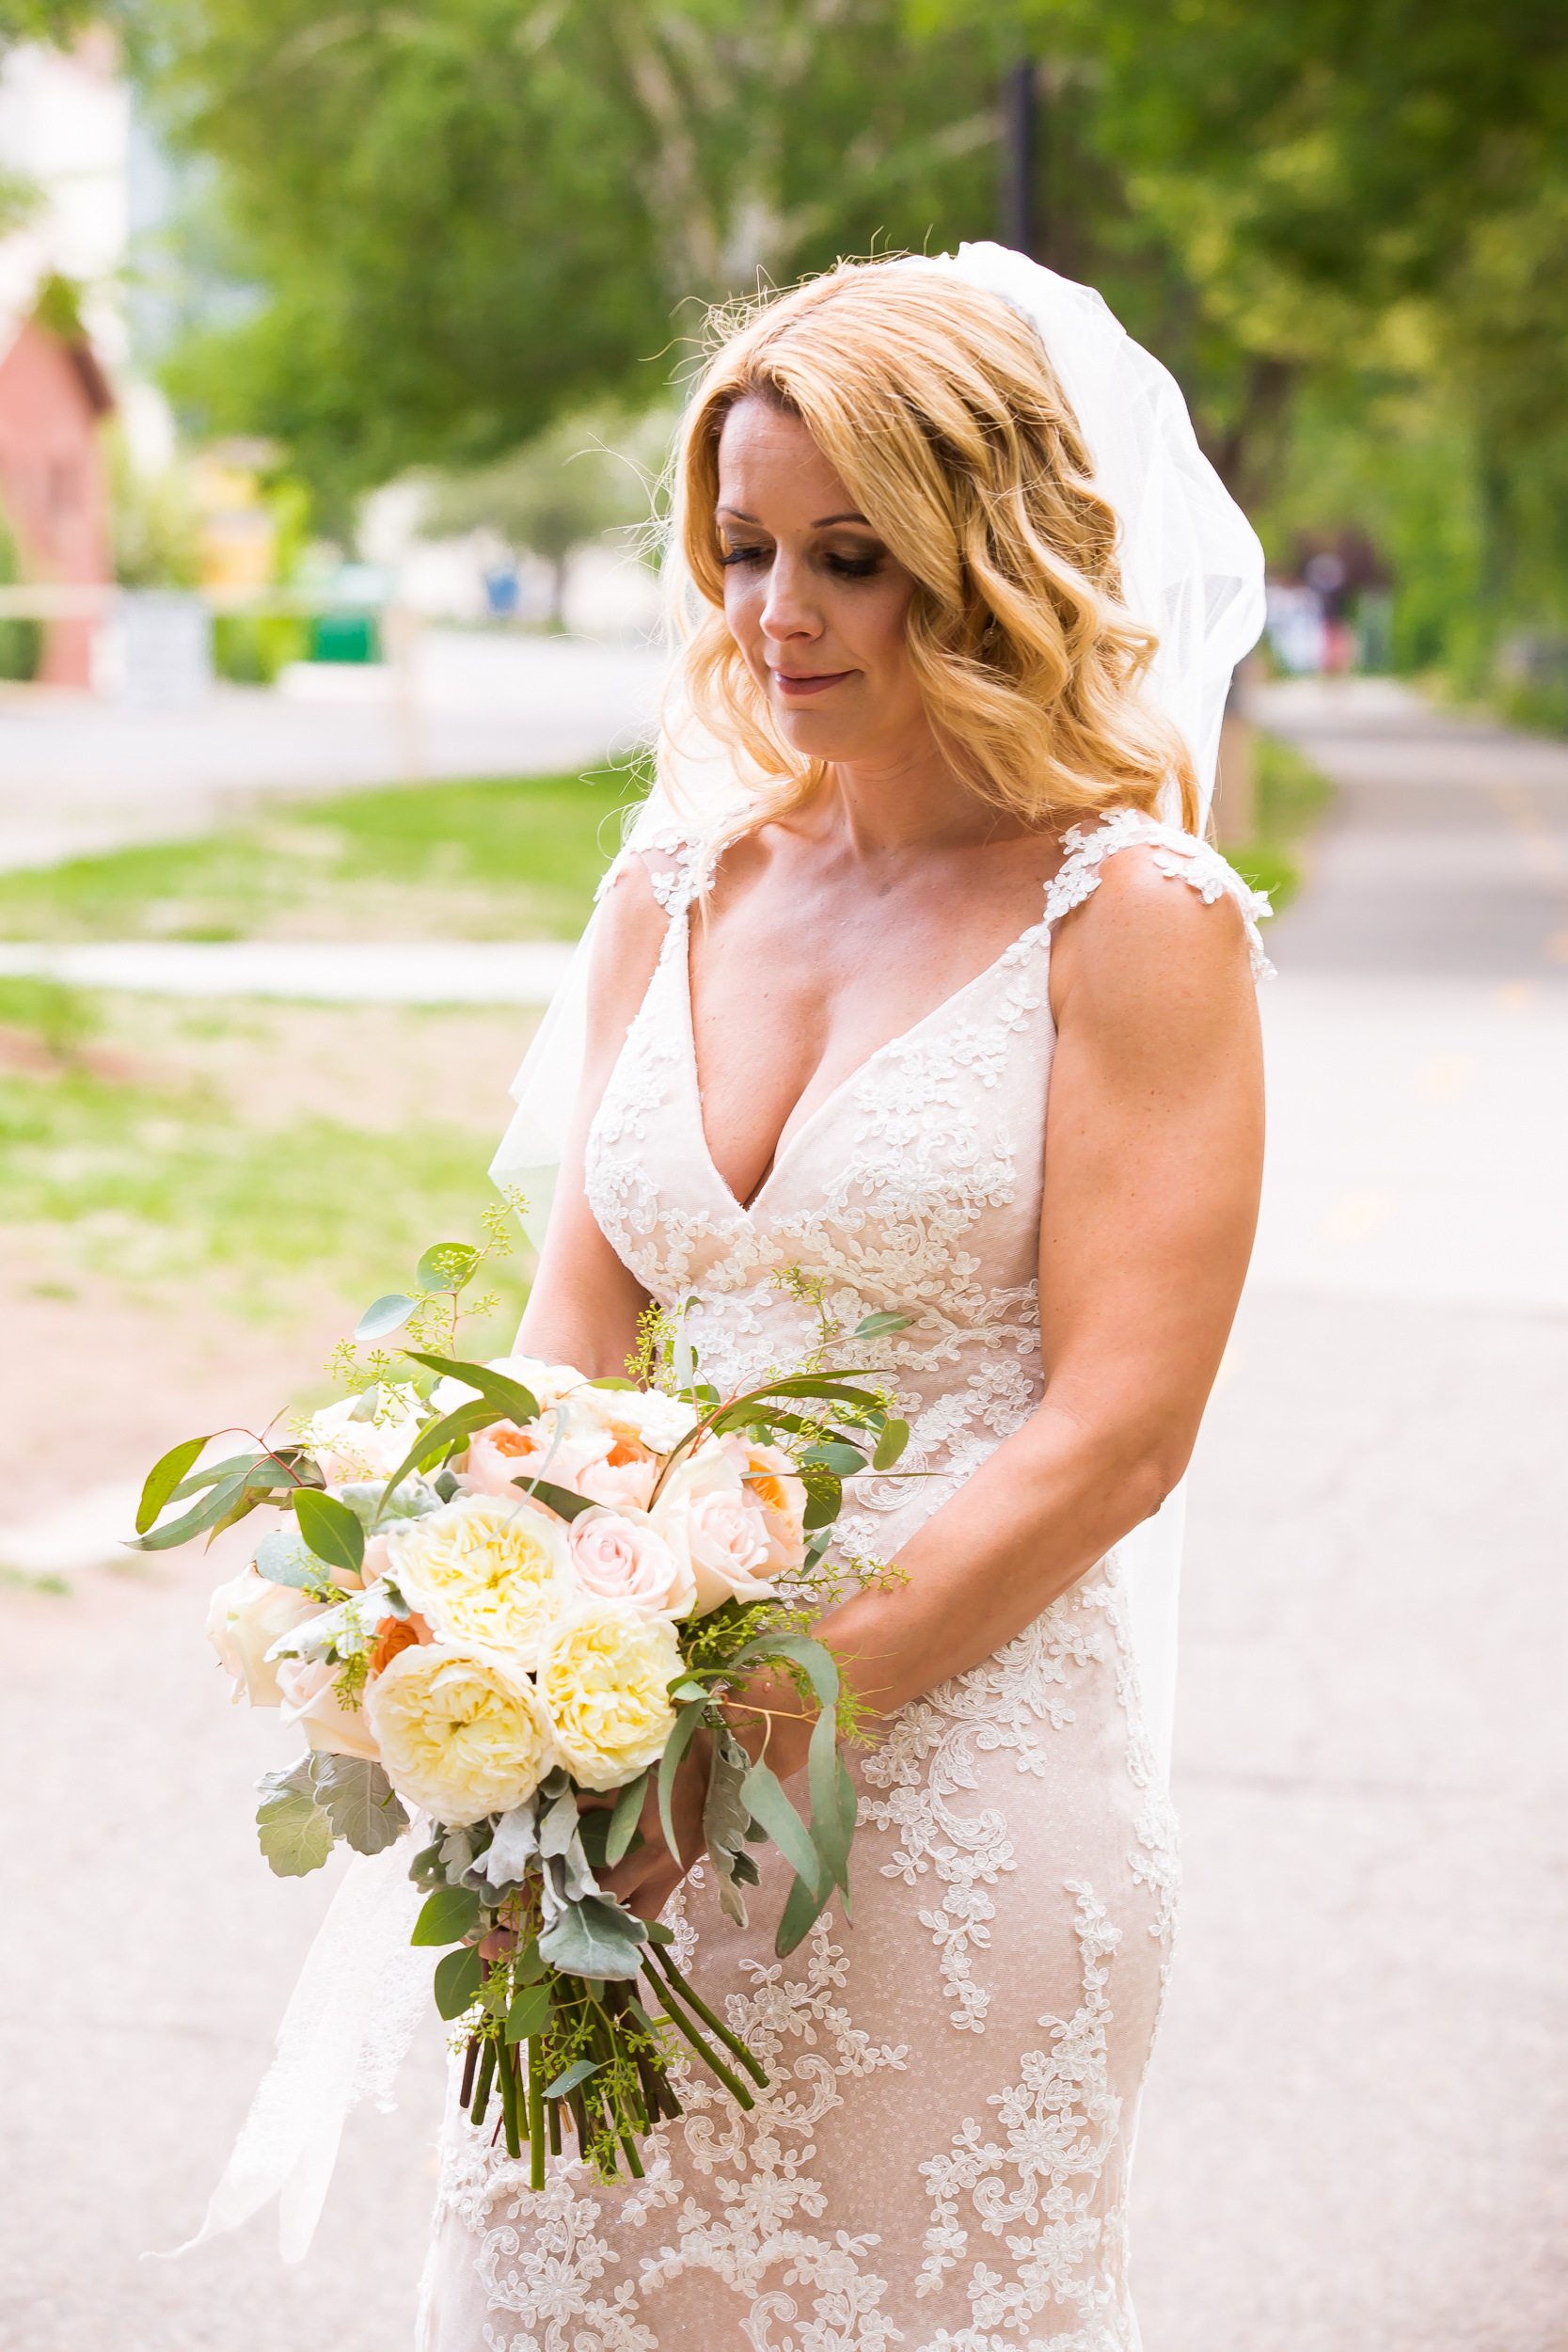 Powerhouse science center wedding  Durango Colorado  River Trail  © Alexi Hubbell Photography 2018